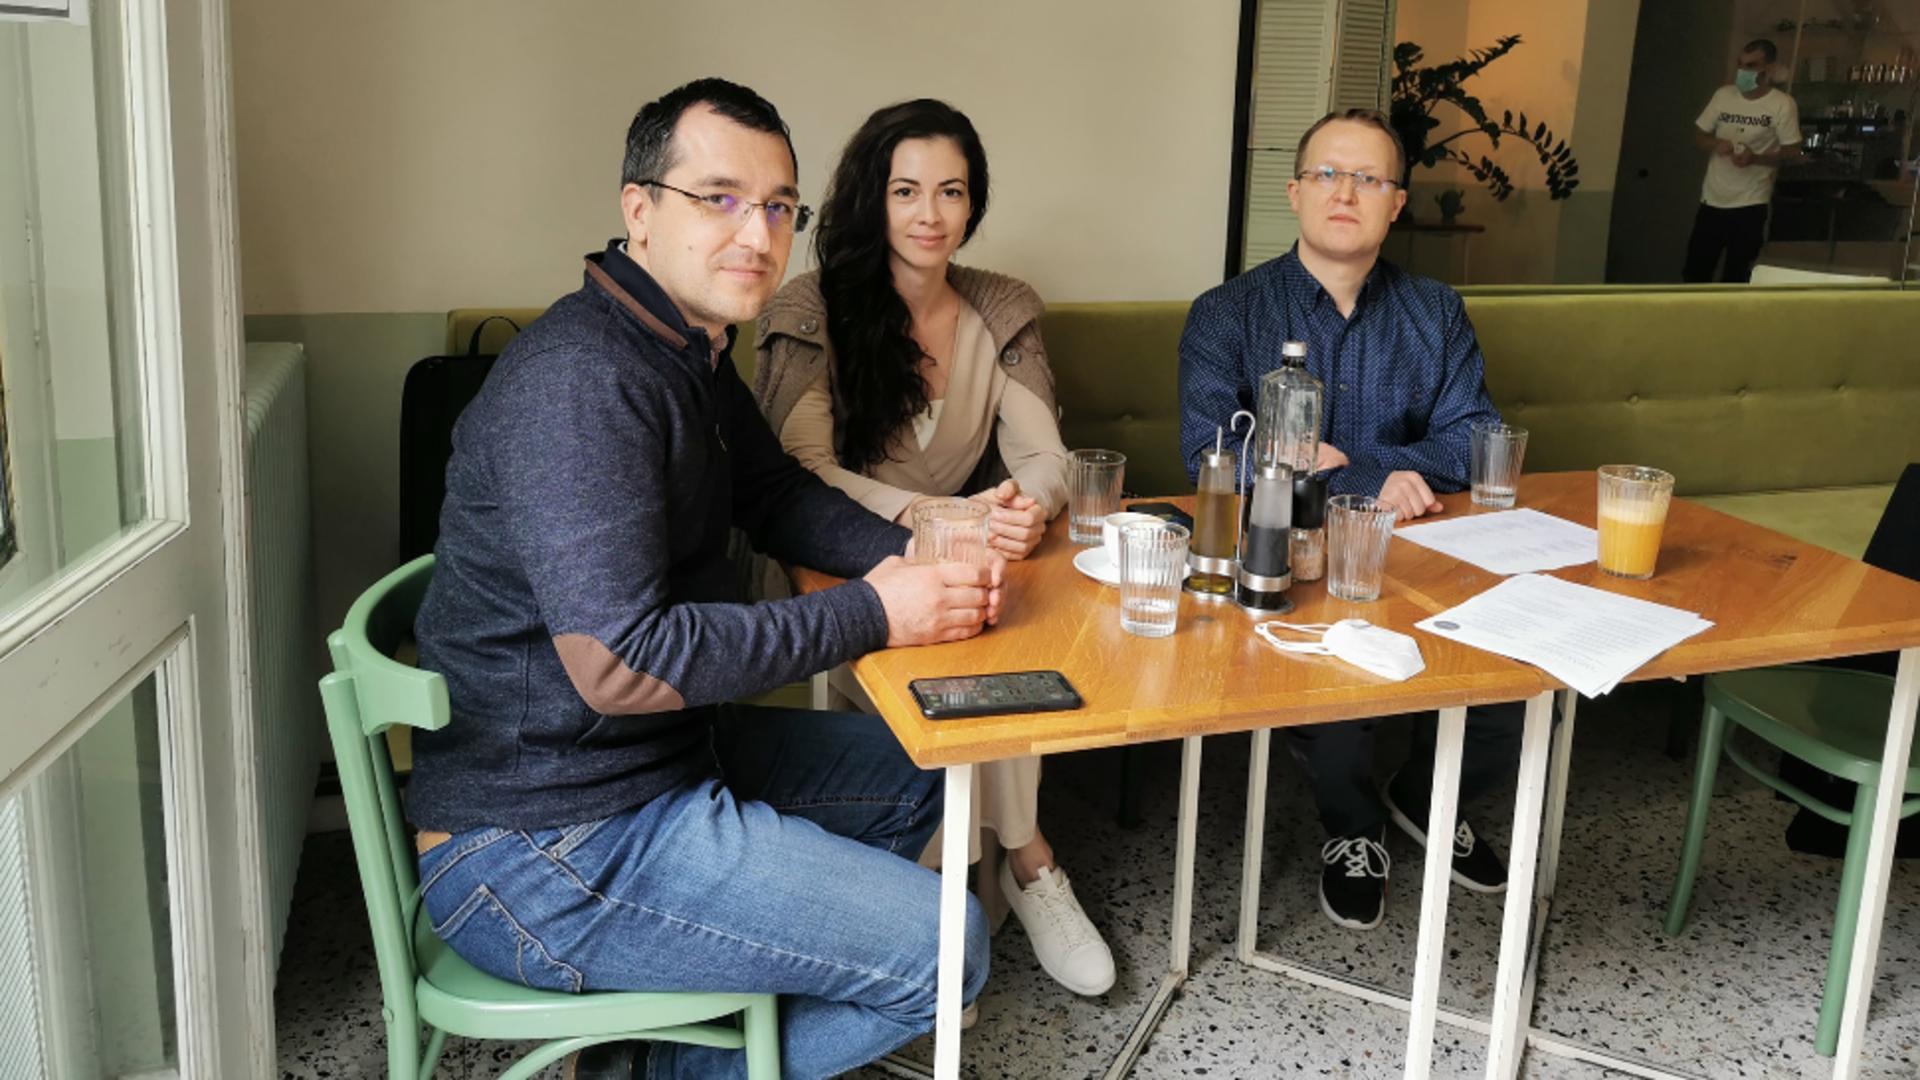 Laura Ștefănuț alături de Vlad Voiuclescu și Marius Comper. Foto/Facebook